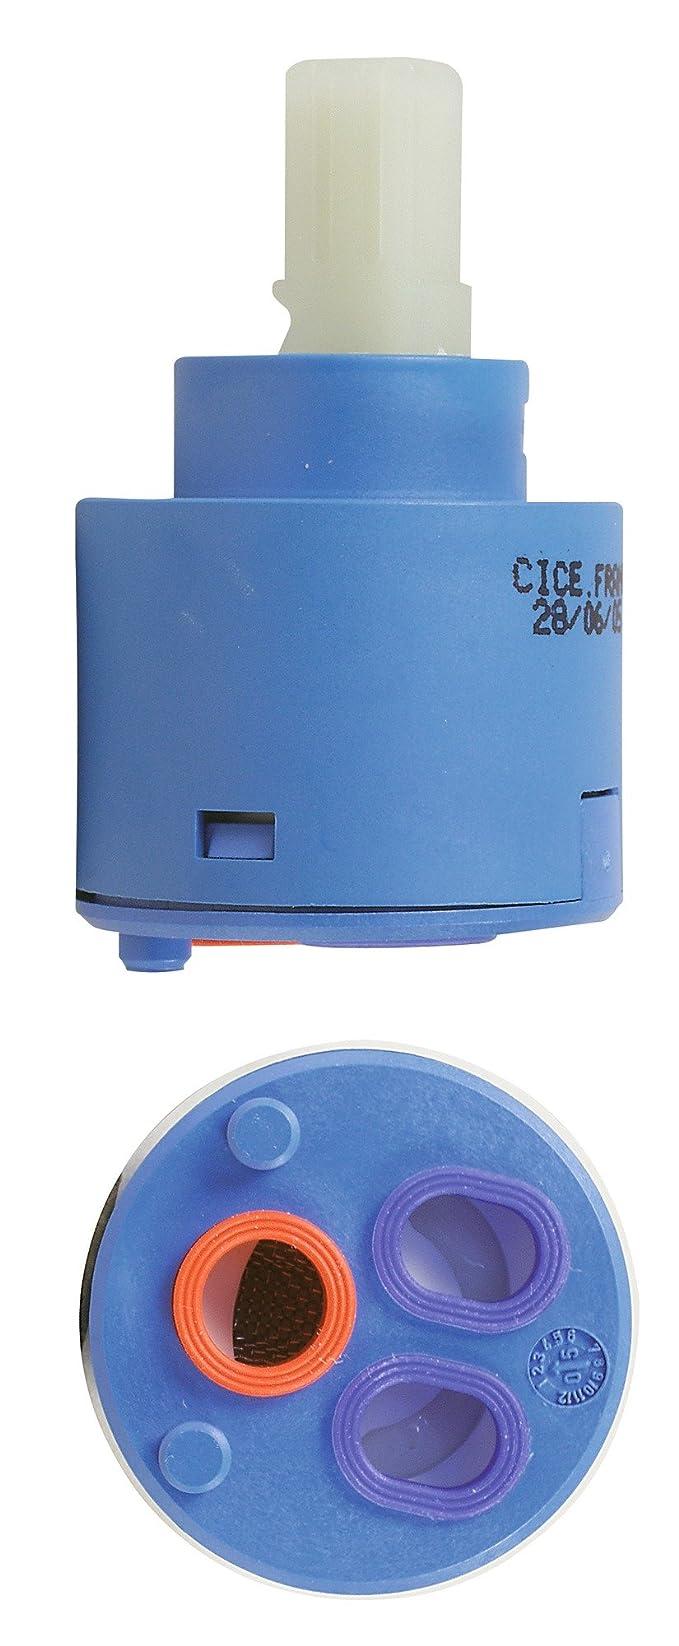 Cartouche céramique Ø 40 sans diffuseur - Cazabox